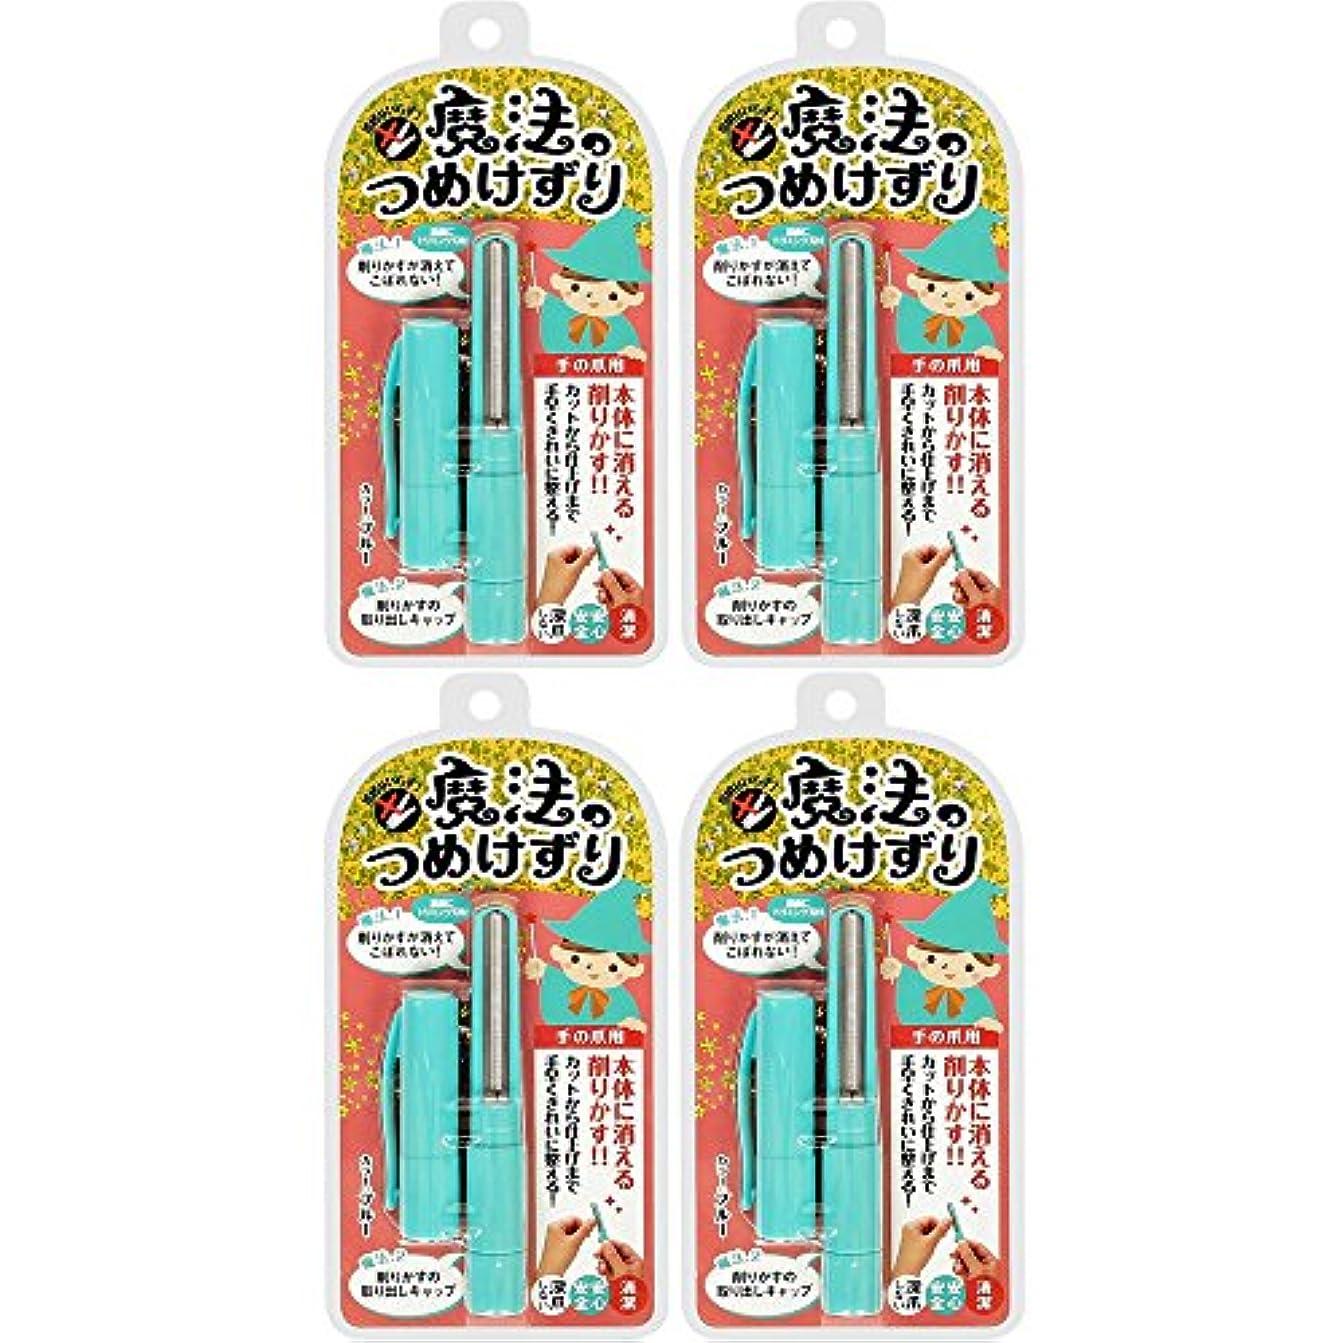 【セット品】松本金型 魔法のつめけずり MM-091 ブルー 4個